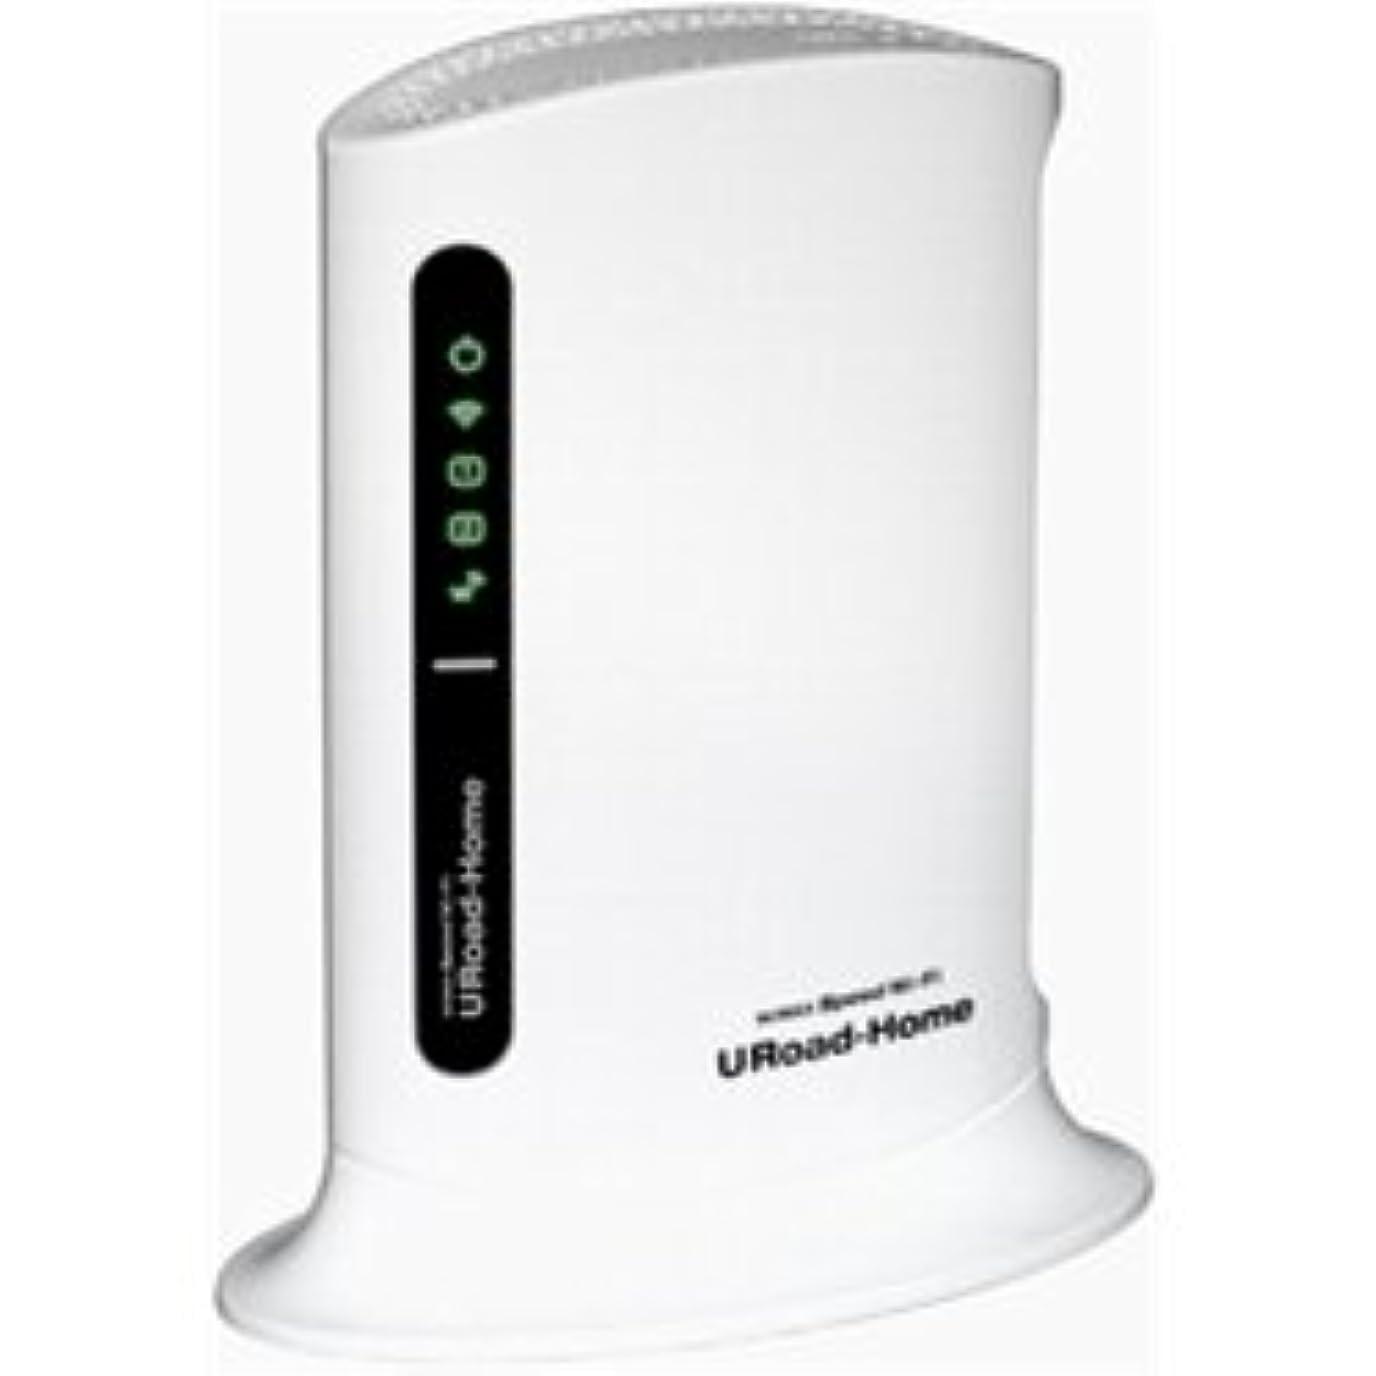 シンセイコーポレーション DIS mobile WiMAX接続専用 無線LAN内蔵WiMAXルーター Uroad-Home/DM